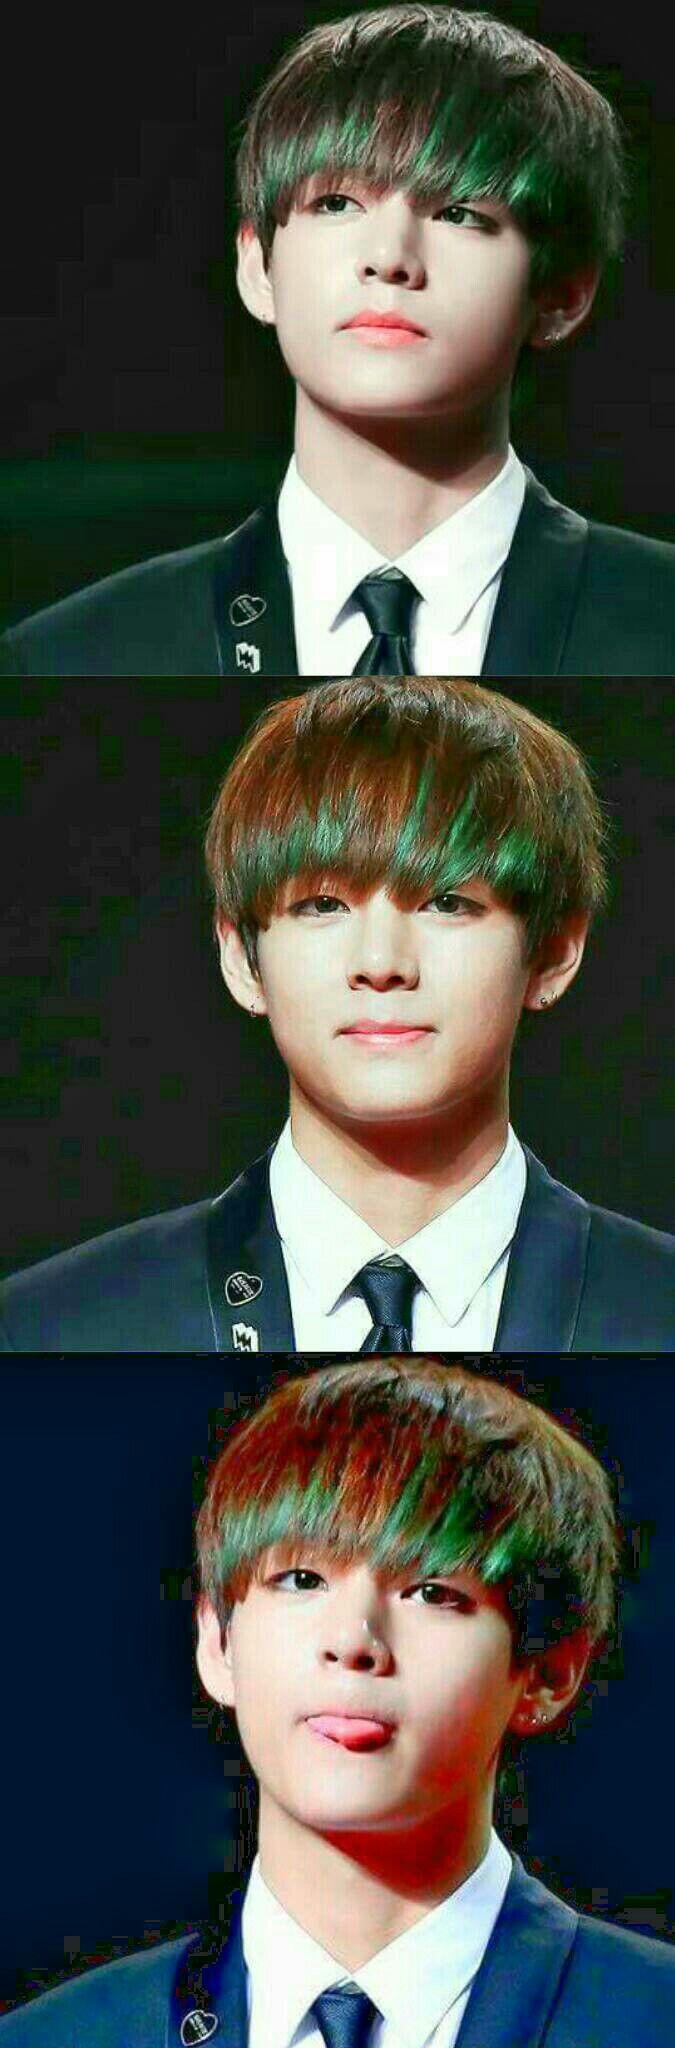 Es tan hermoso con ese flequillo verde